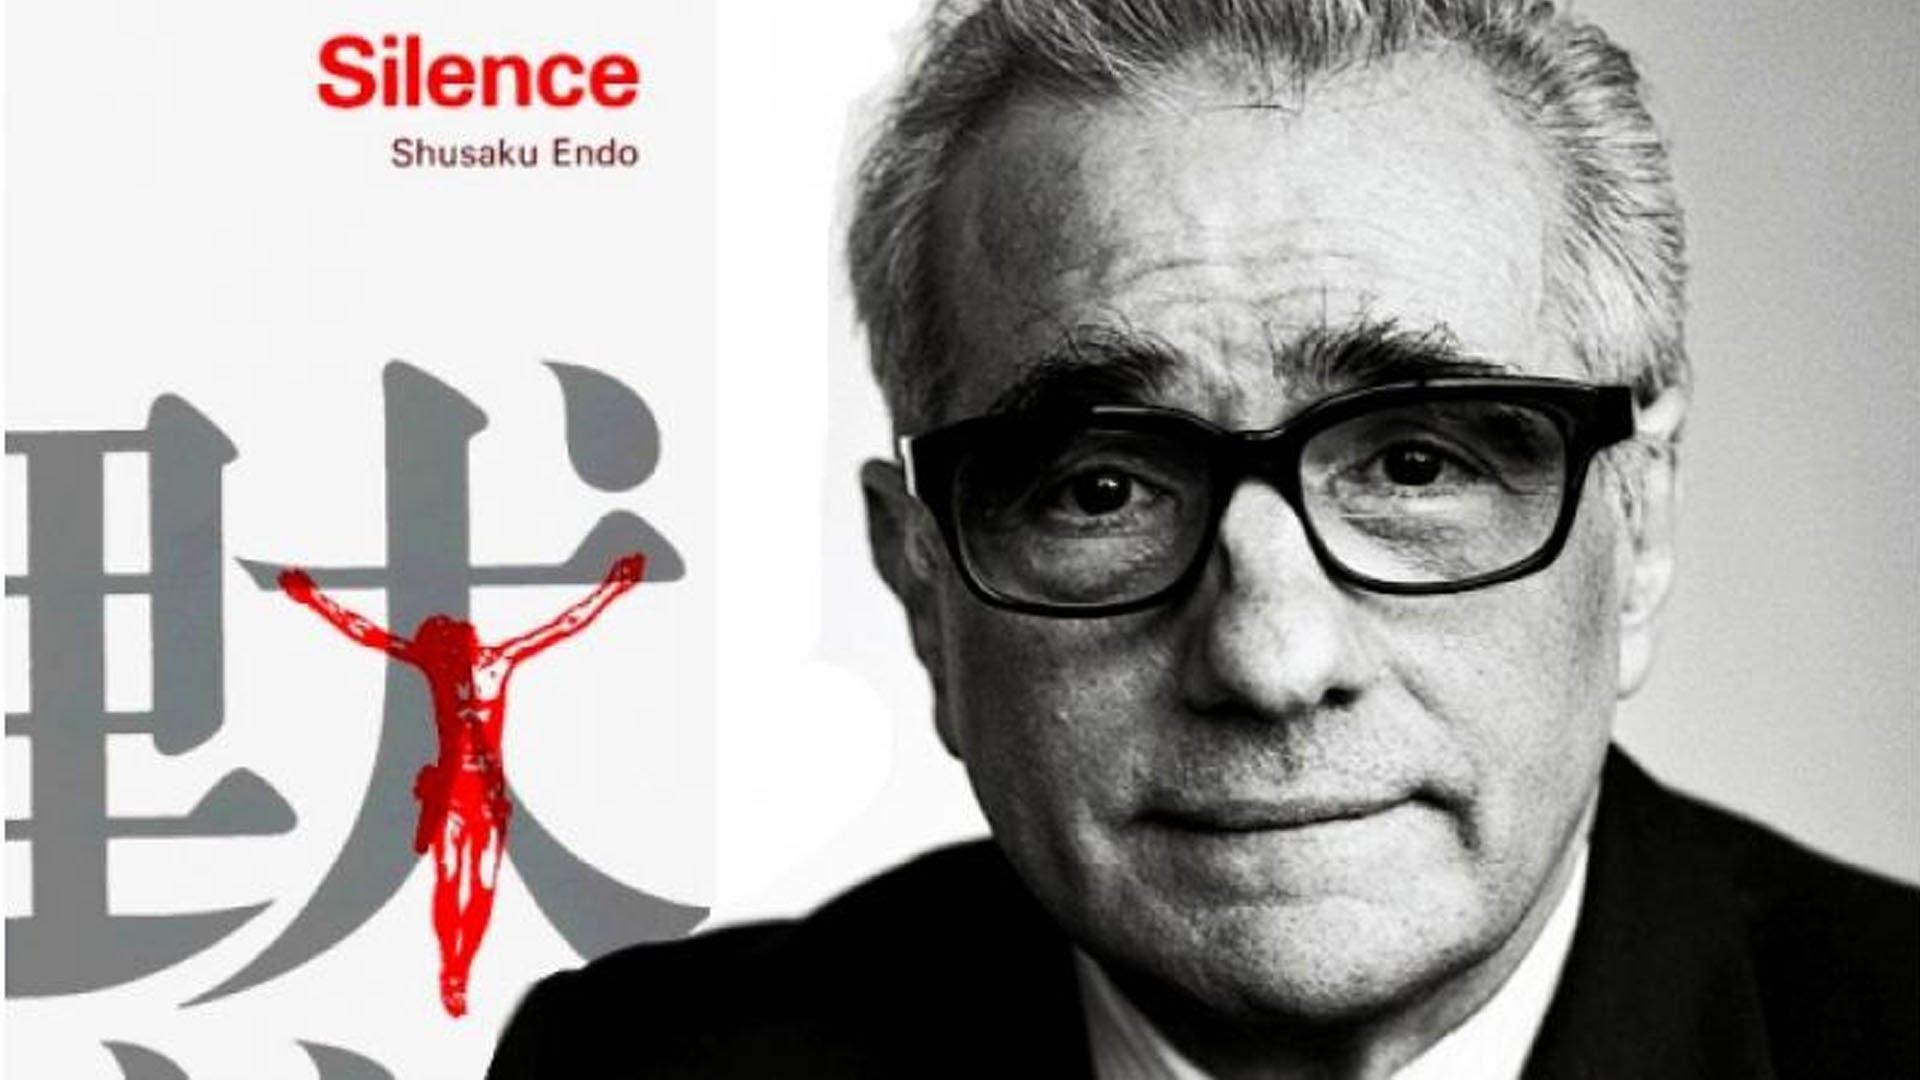 اسکورسیزی در مصاحبه با هندوستانتایمز از کارگردان هندی مورد علاقهاش تا «سکوت» میگوید